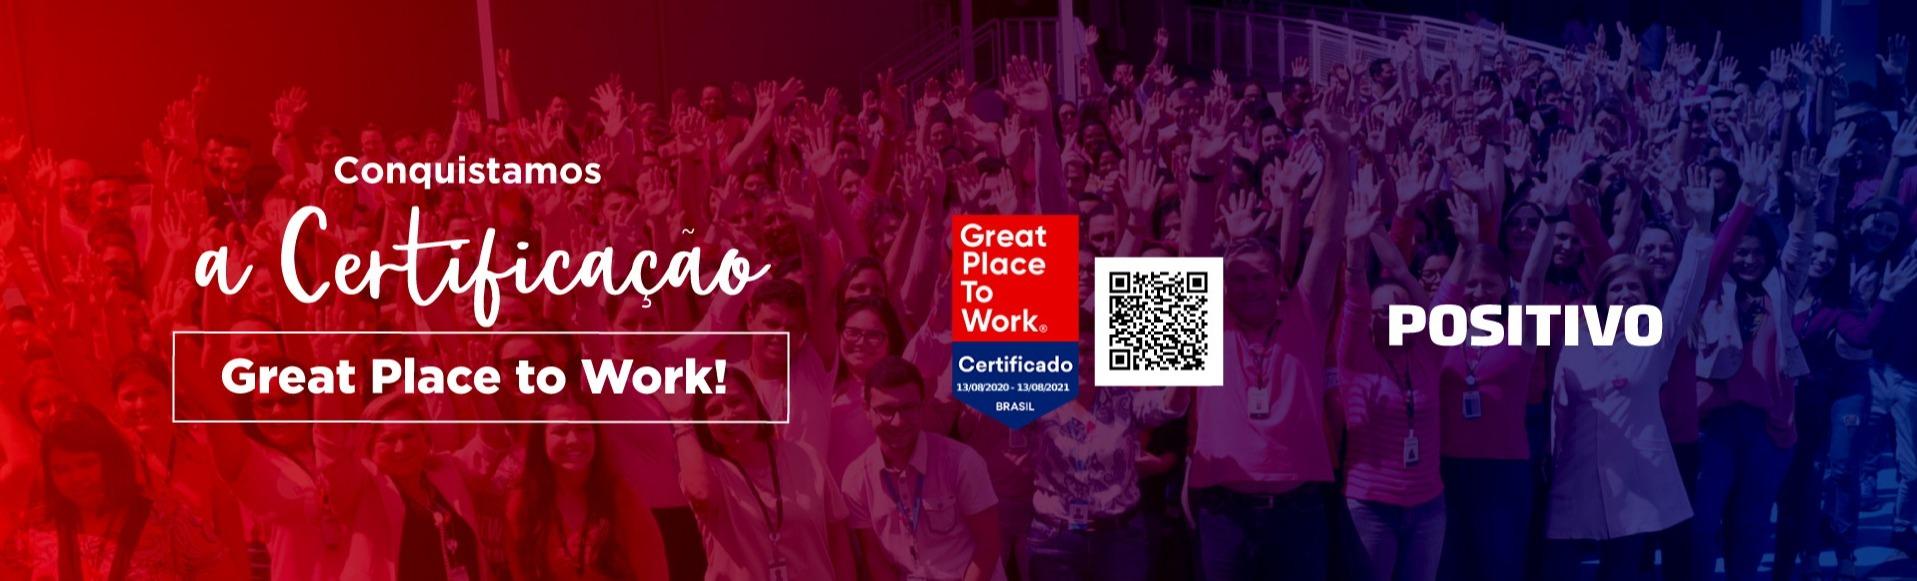 TECNICO EM INFORMÁTICA (Campinas/SP)